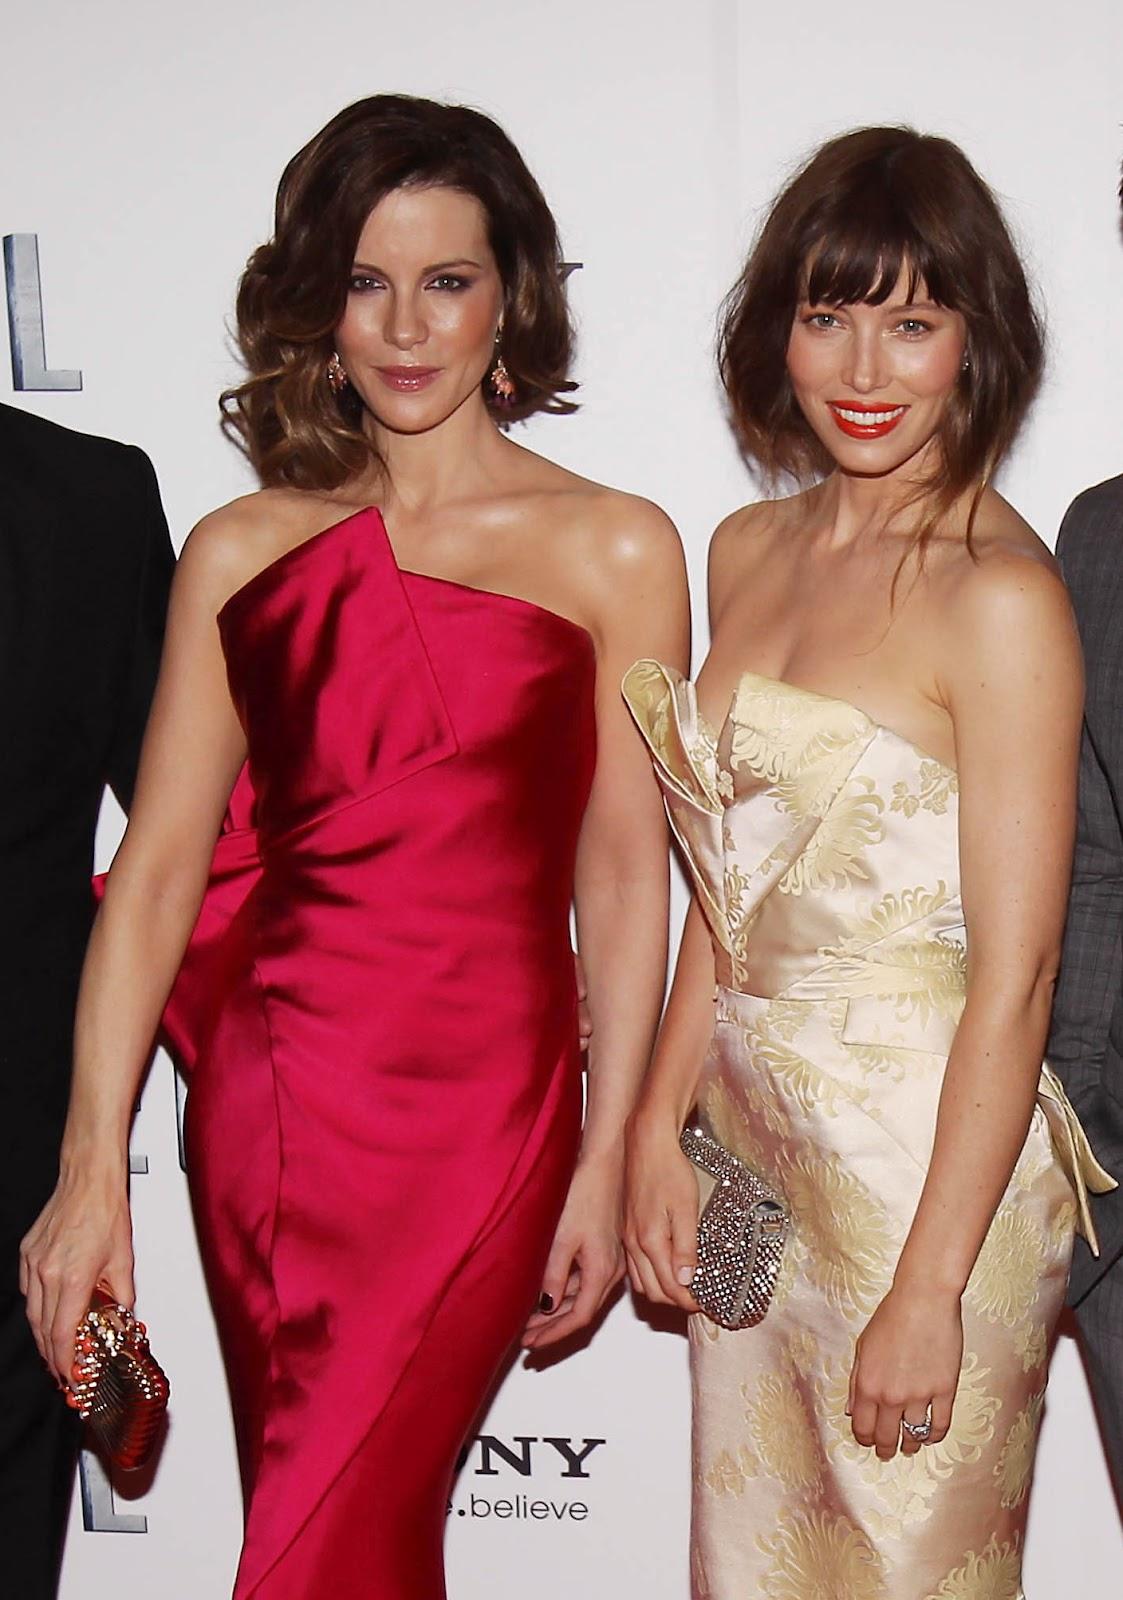 http://3.bp.blogspot.com/-memZBFvRT1Q/UCrfx2DH-hI/AAAAAAAALg8/_8uSHYgCsWk/s1600/Kate+Beckinsale+and+Jessica+Biel+-+Total+Recall+premiere+in+Dublin.jpg